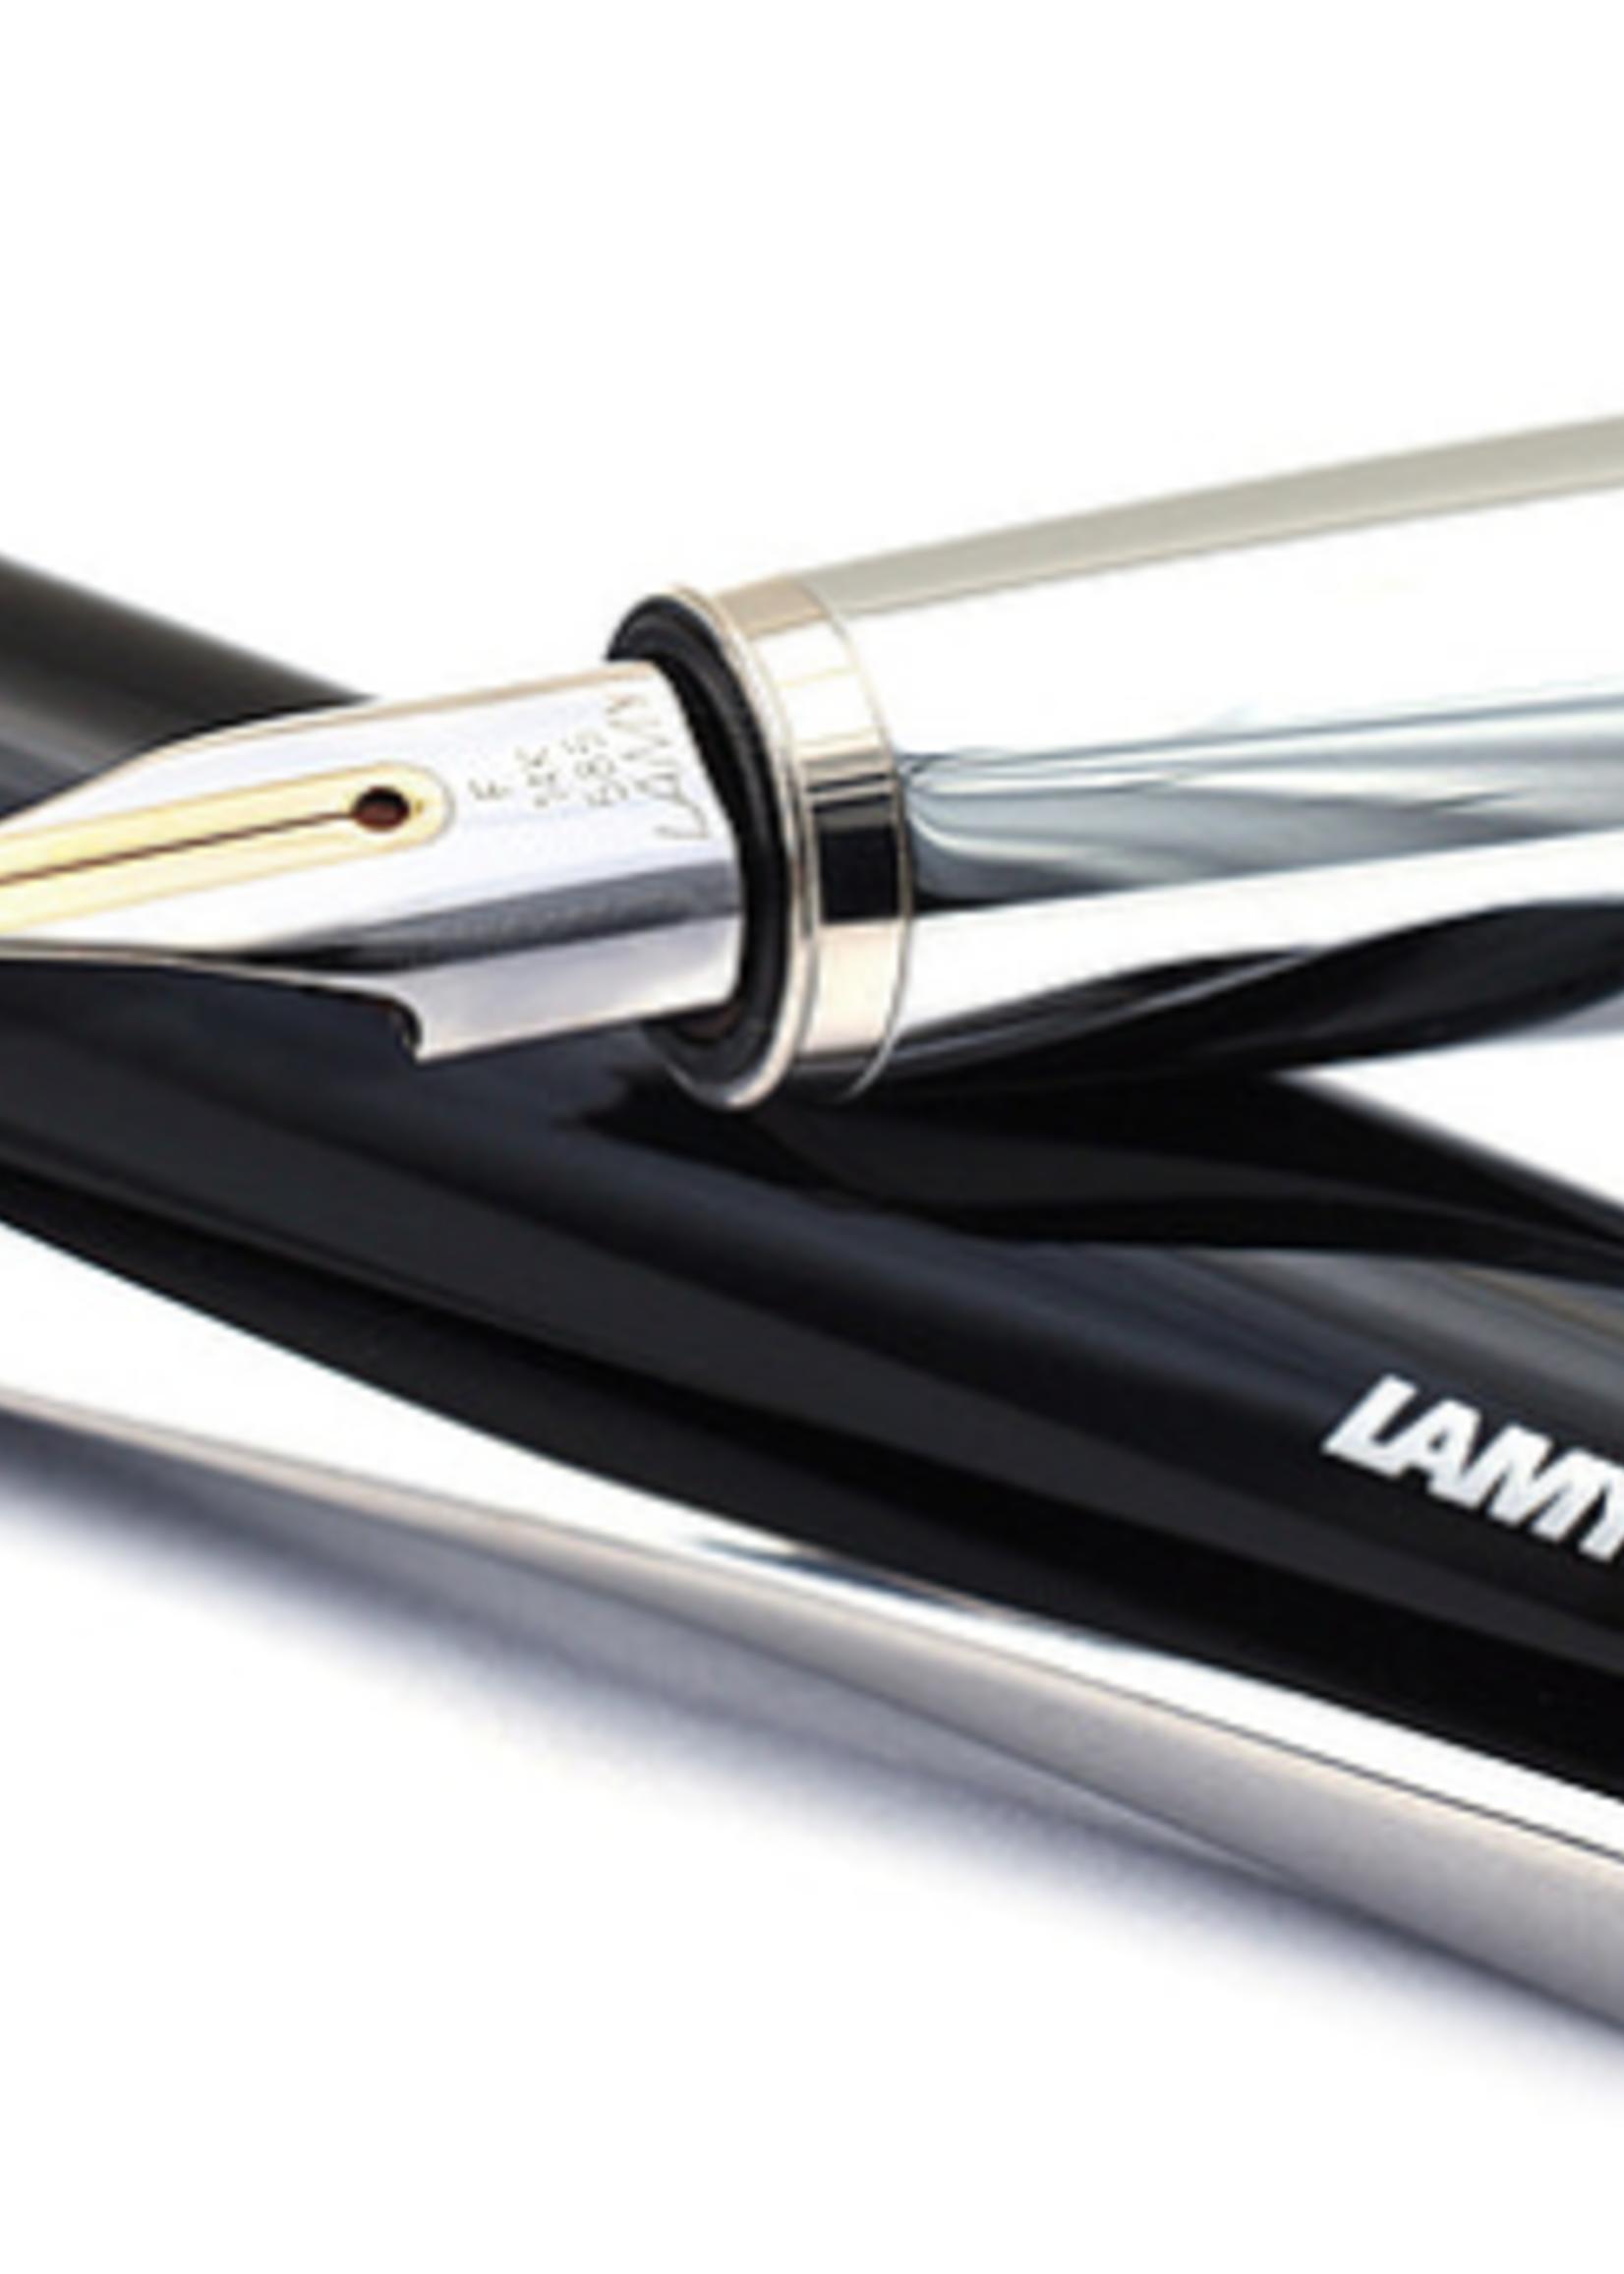 LAMY LAMY FP Studio